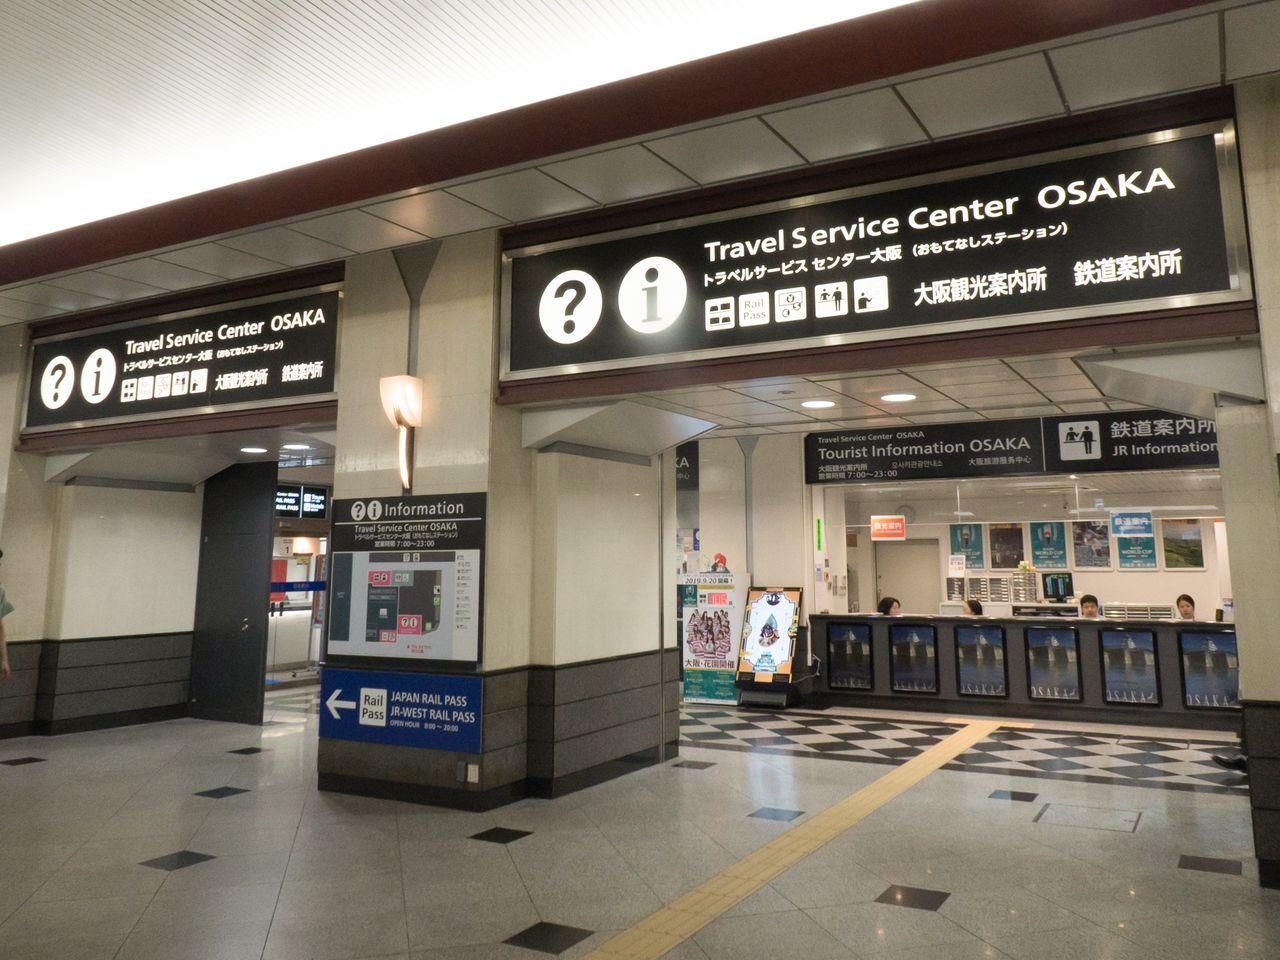 JR大阪駅にある大阪観光案内所